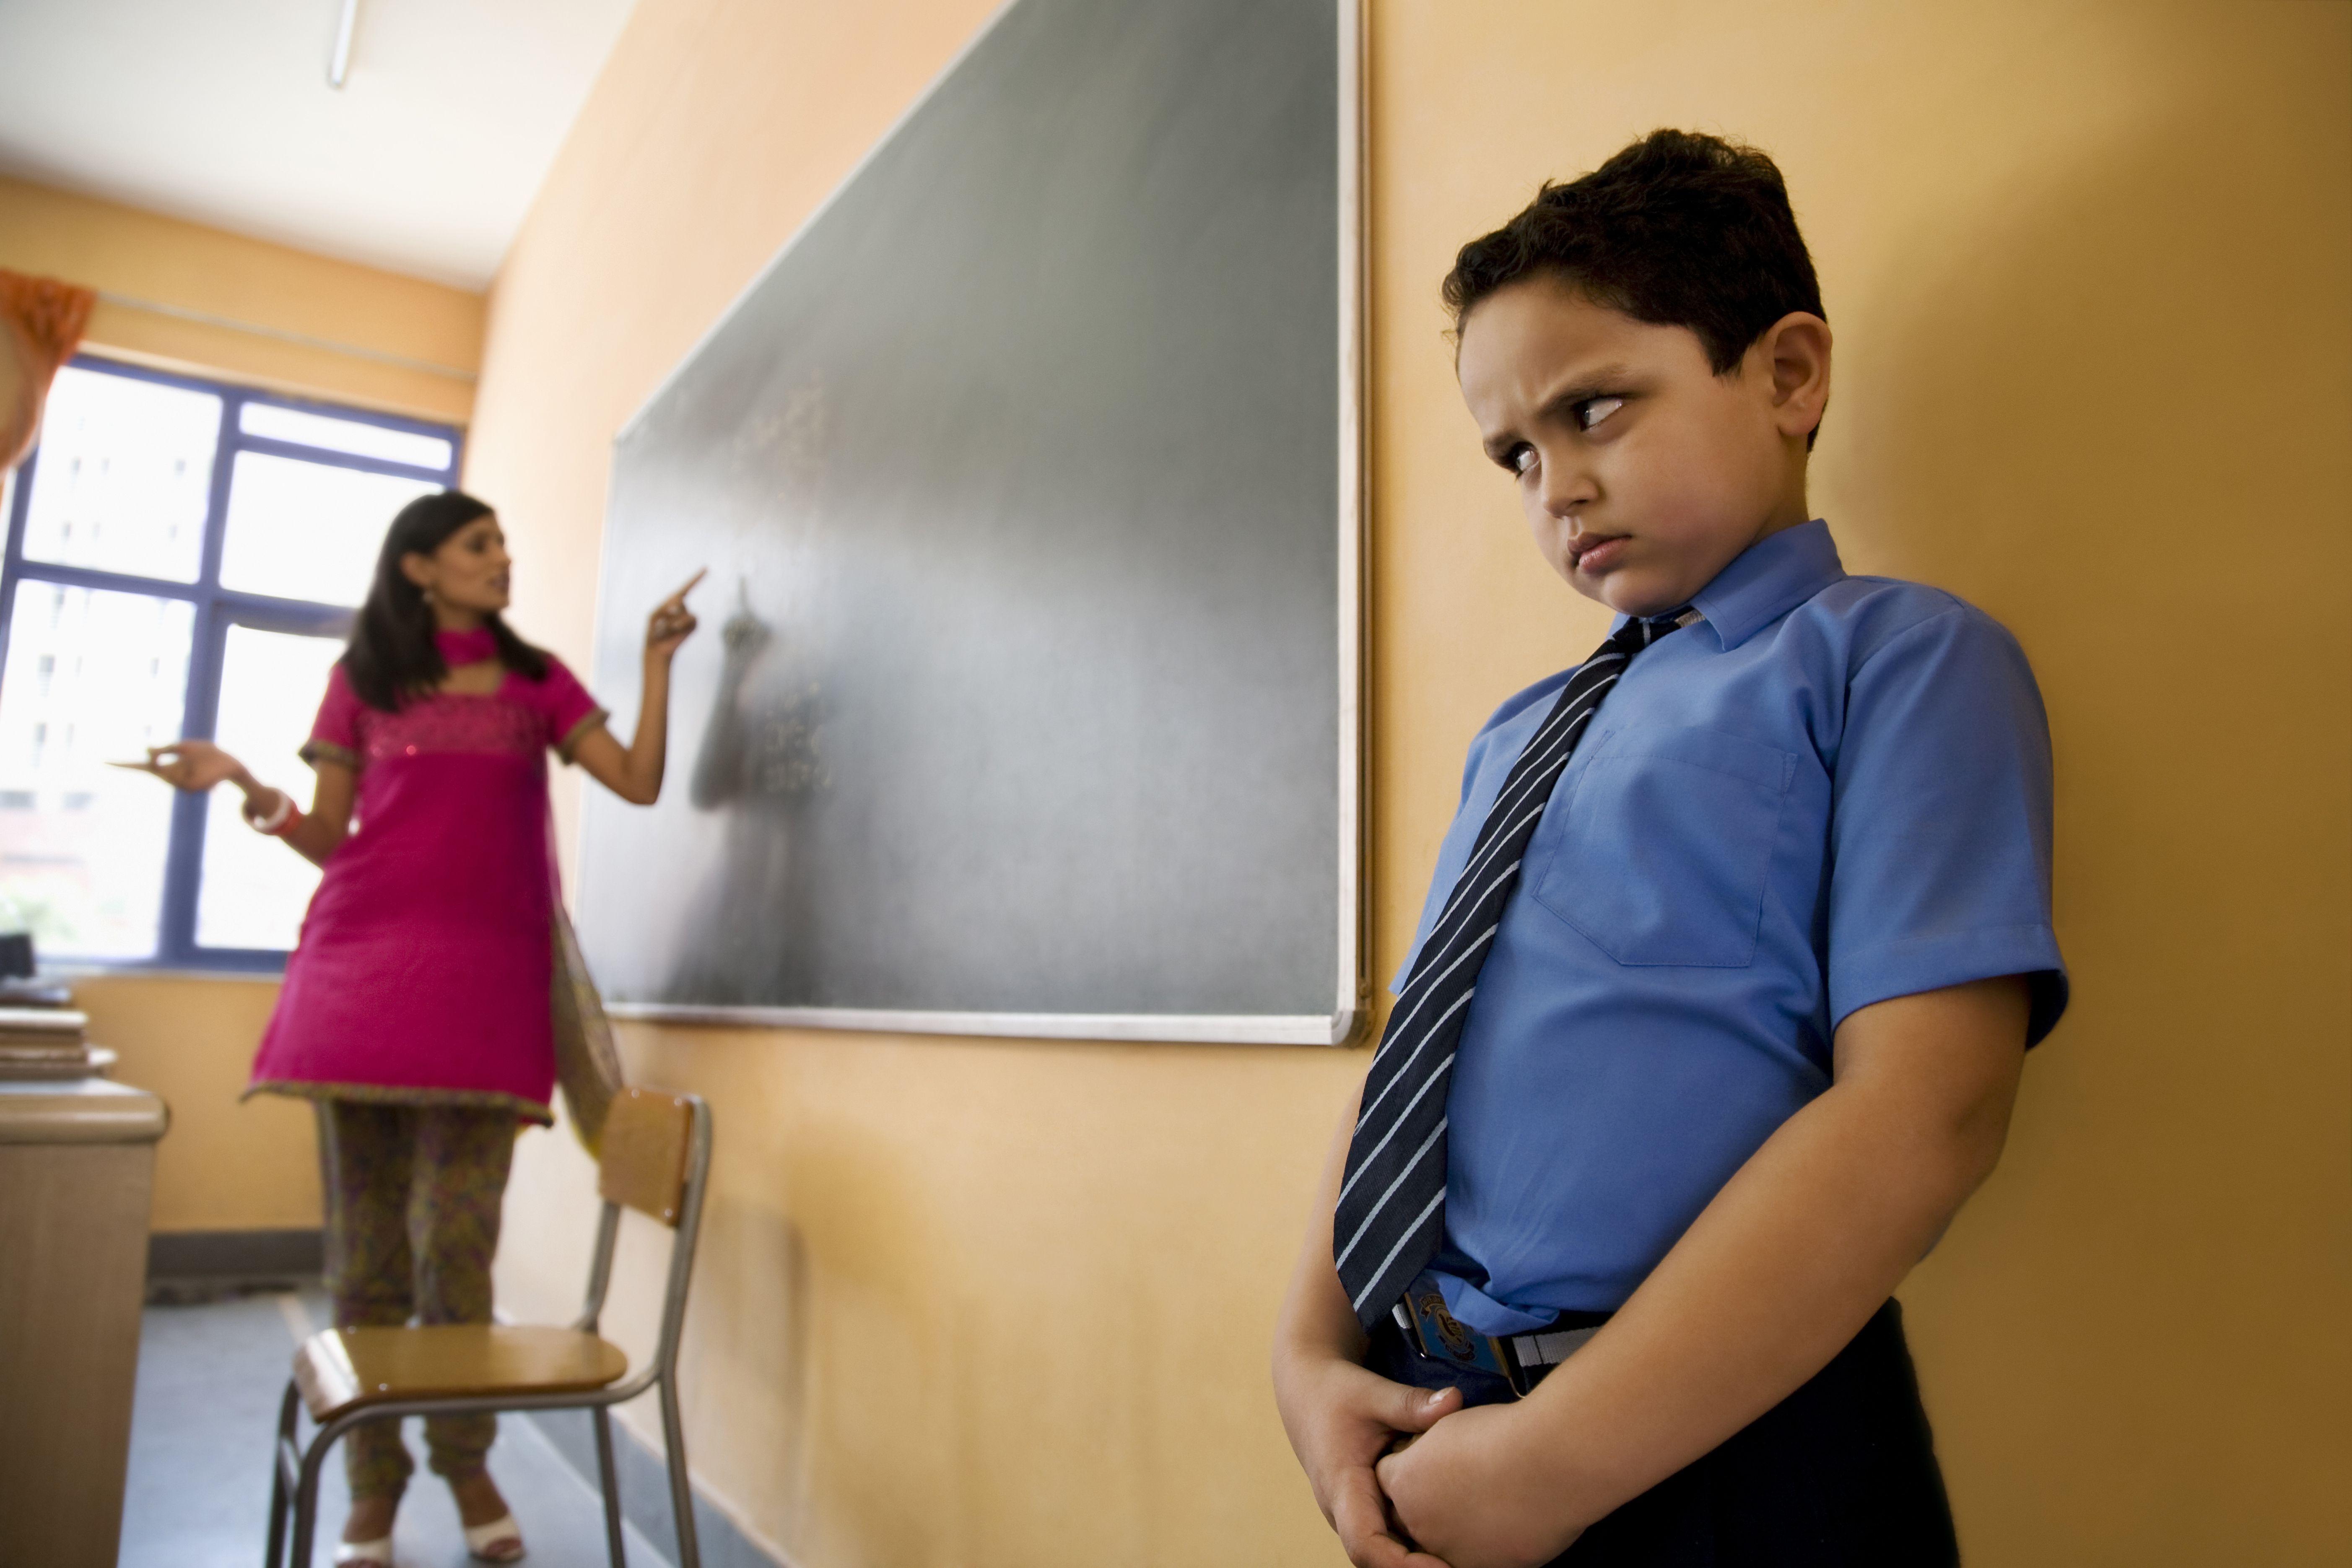 School boy being punished